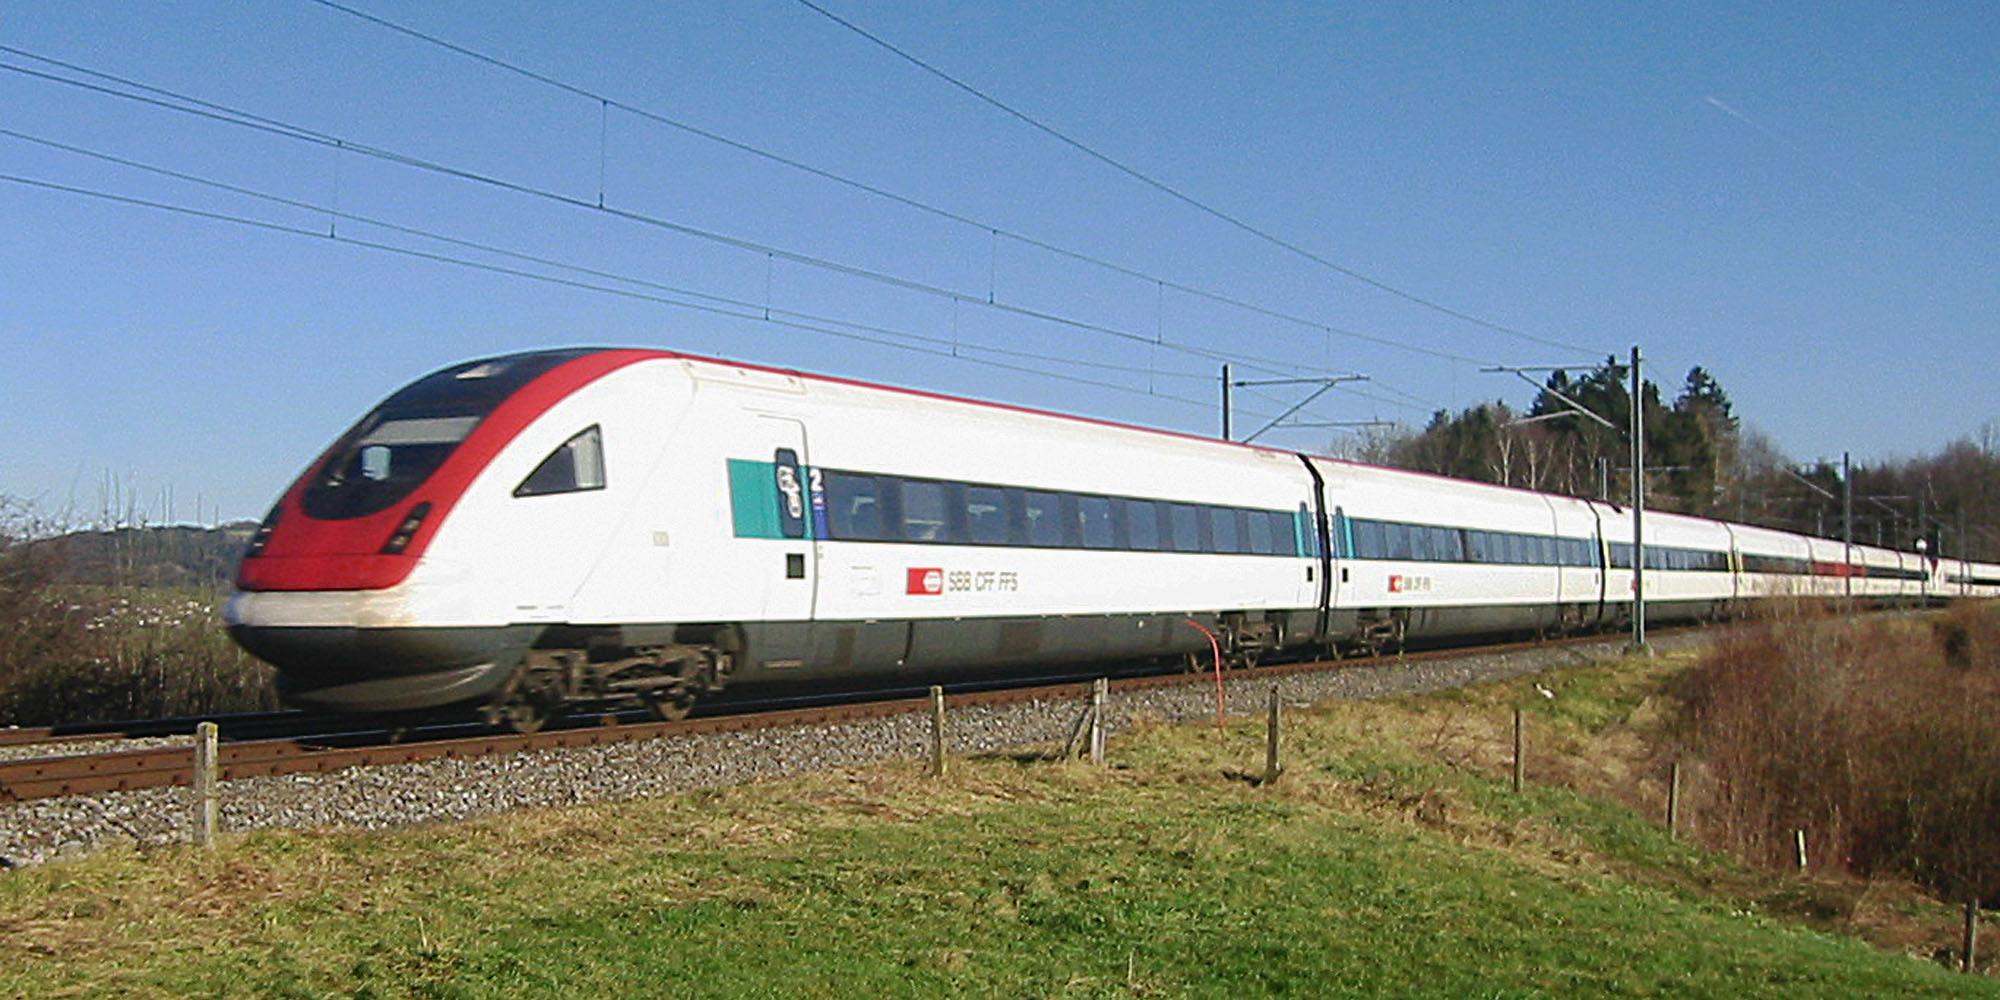 Un train traverse la Suisse pour nouer le dialogue interreligieux